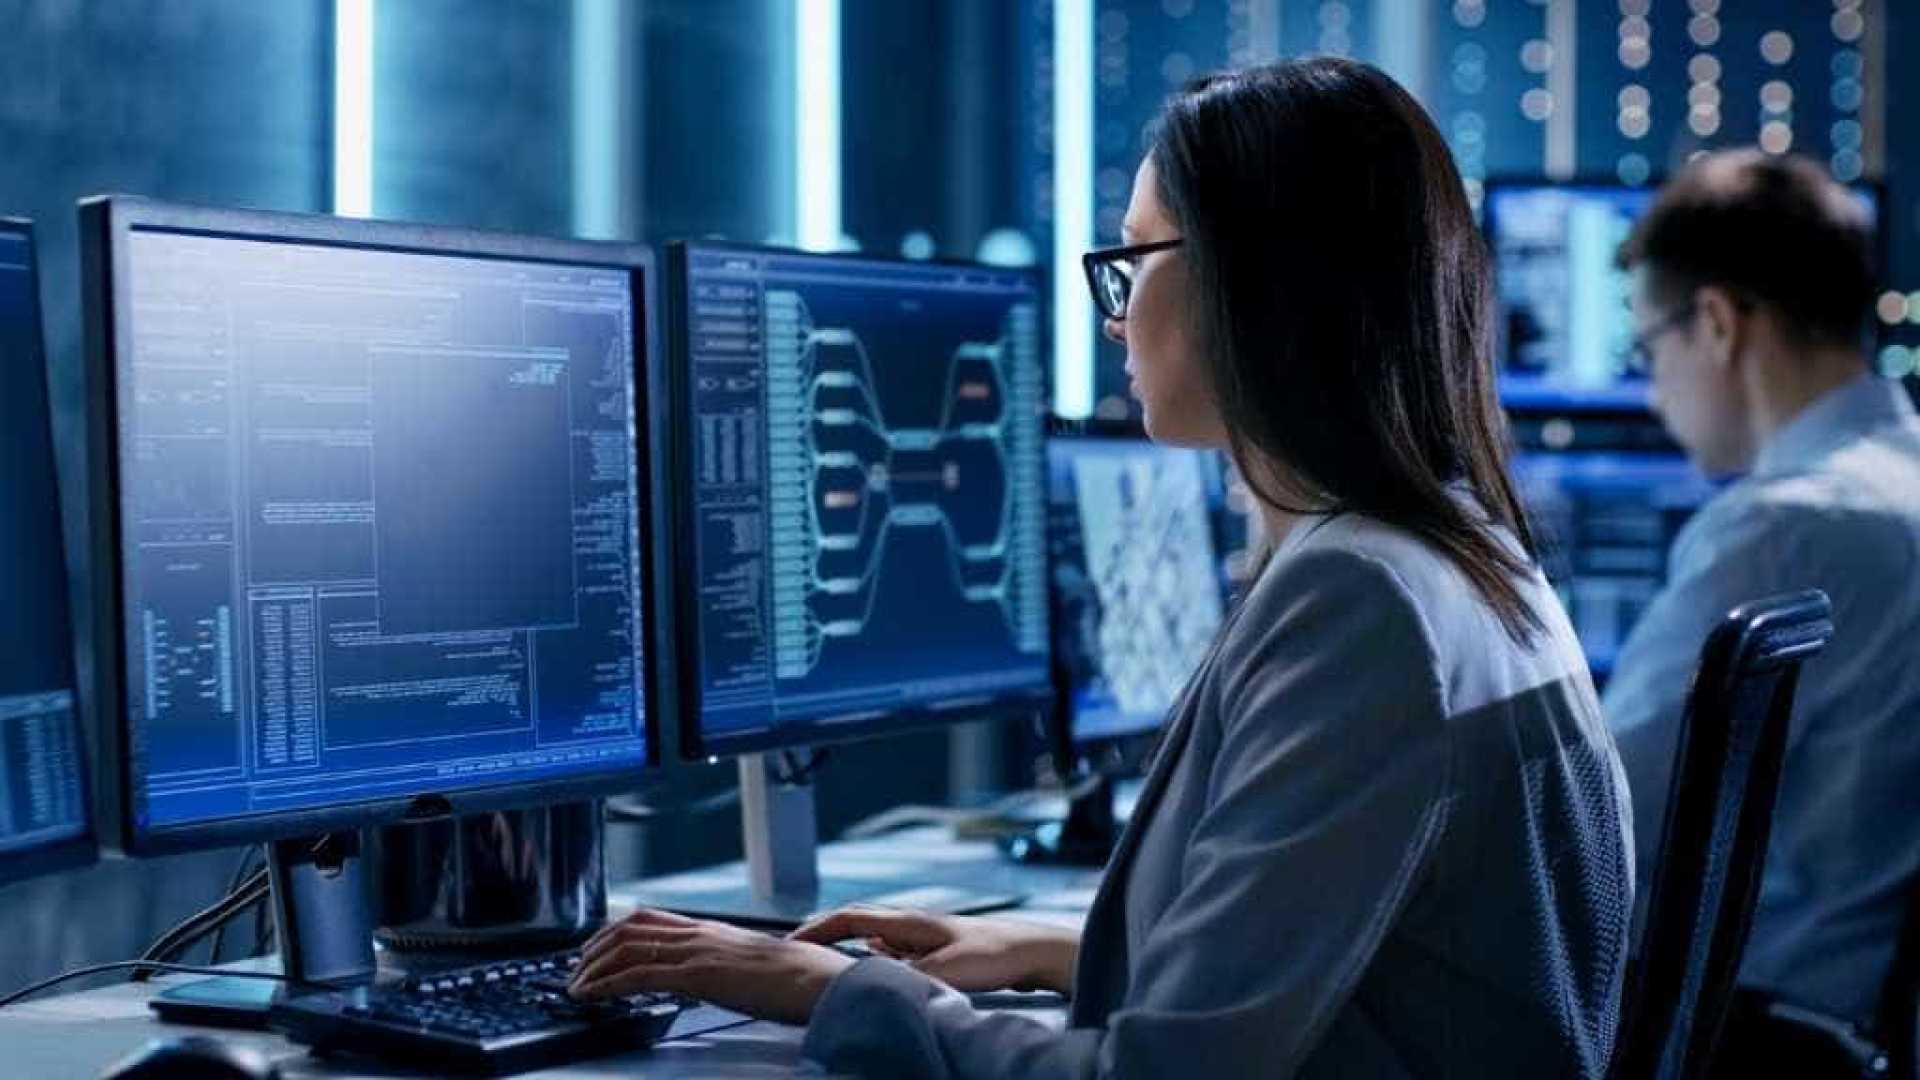 Santander cria programa de capacitação em T.I para contratar 60 PCDs